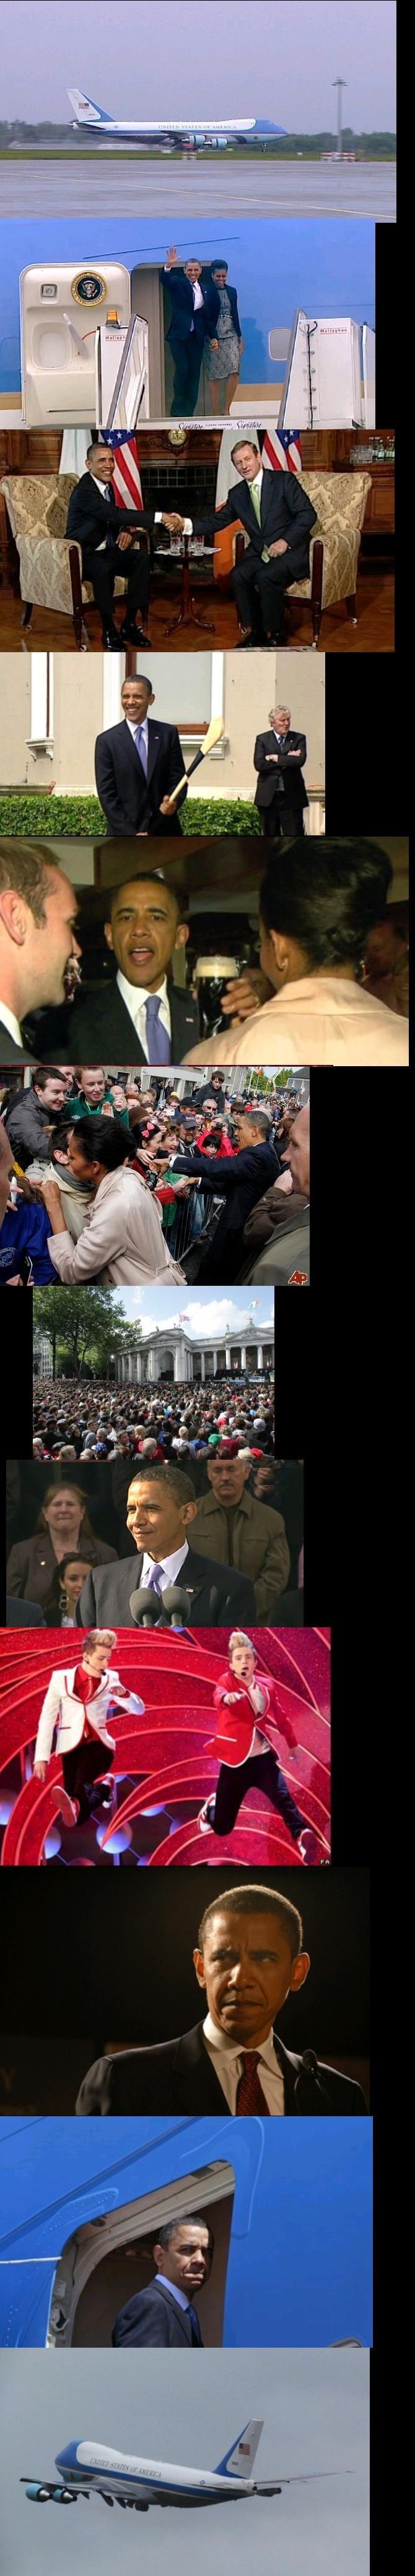 Obama Goes to Ireland -Reup. . Obama Goes to Ireland -Reup